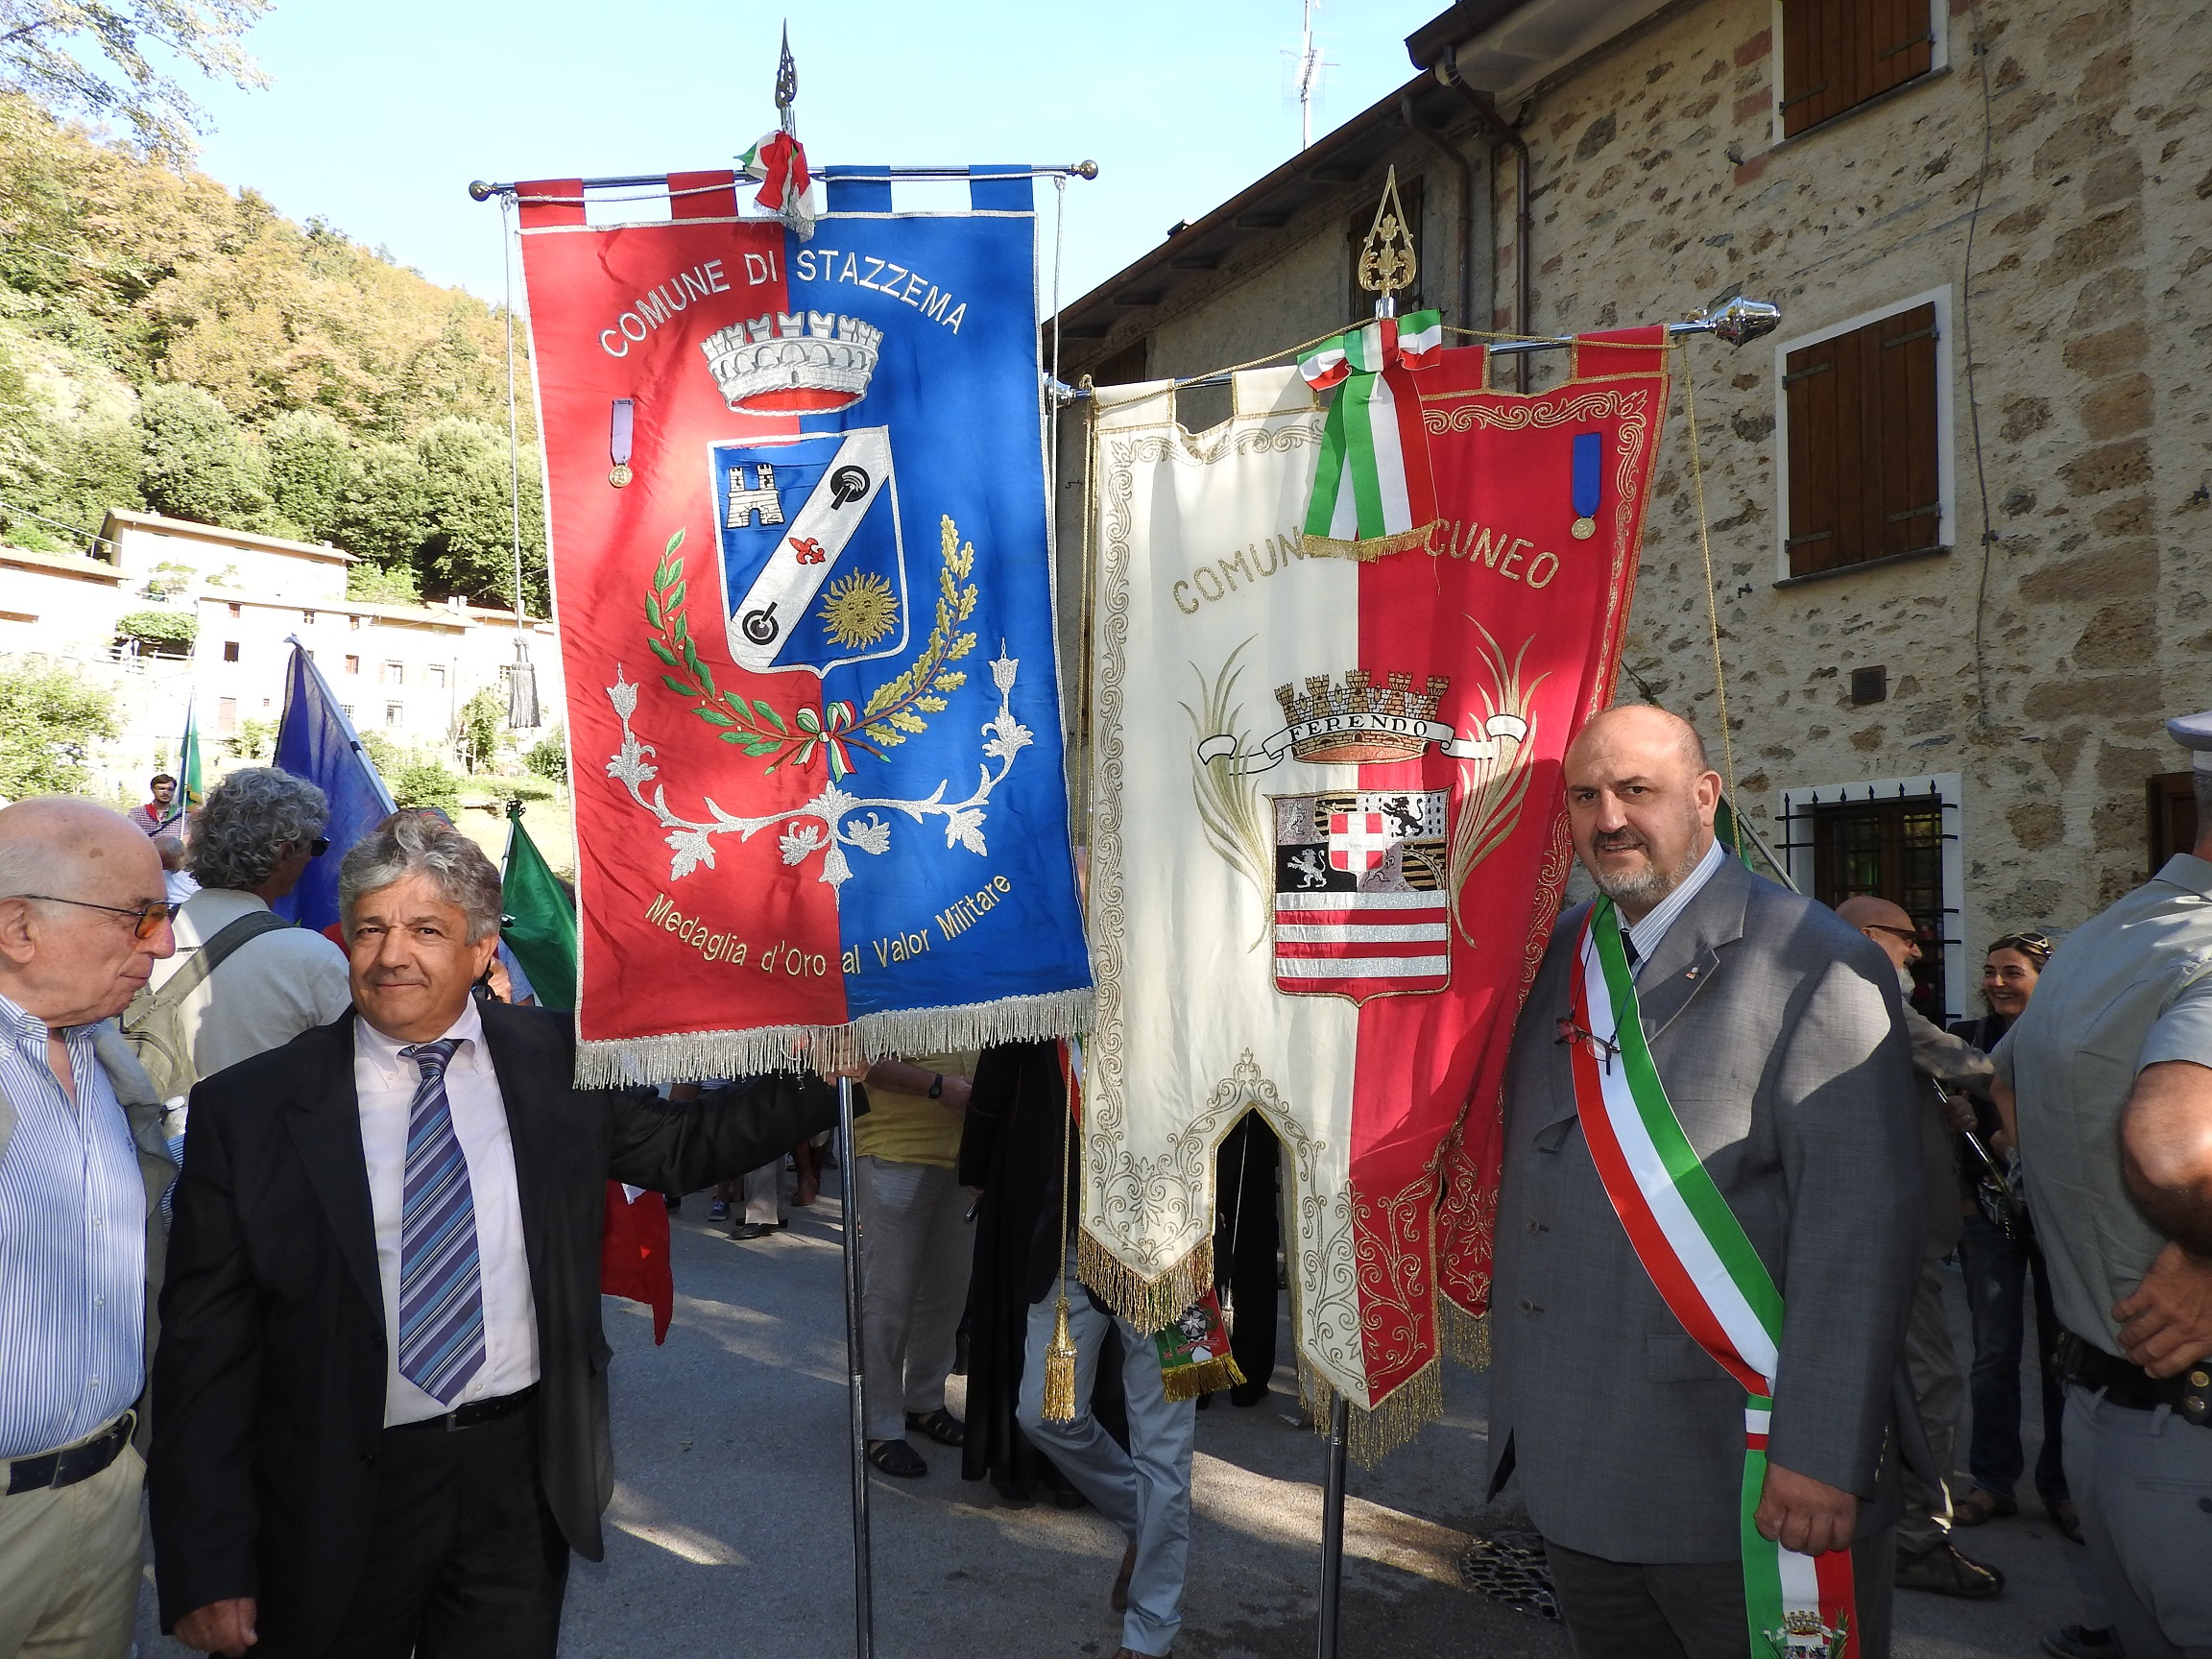 La Guida - Anche Cuneo per ricordare l'eccidio di Sant'Anna di Stazzema